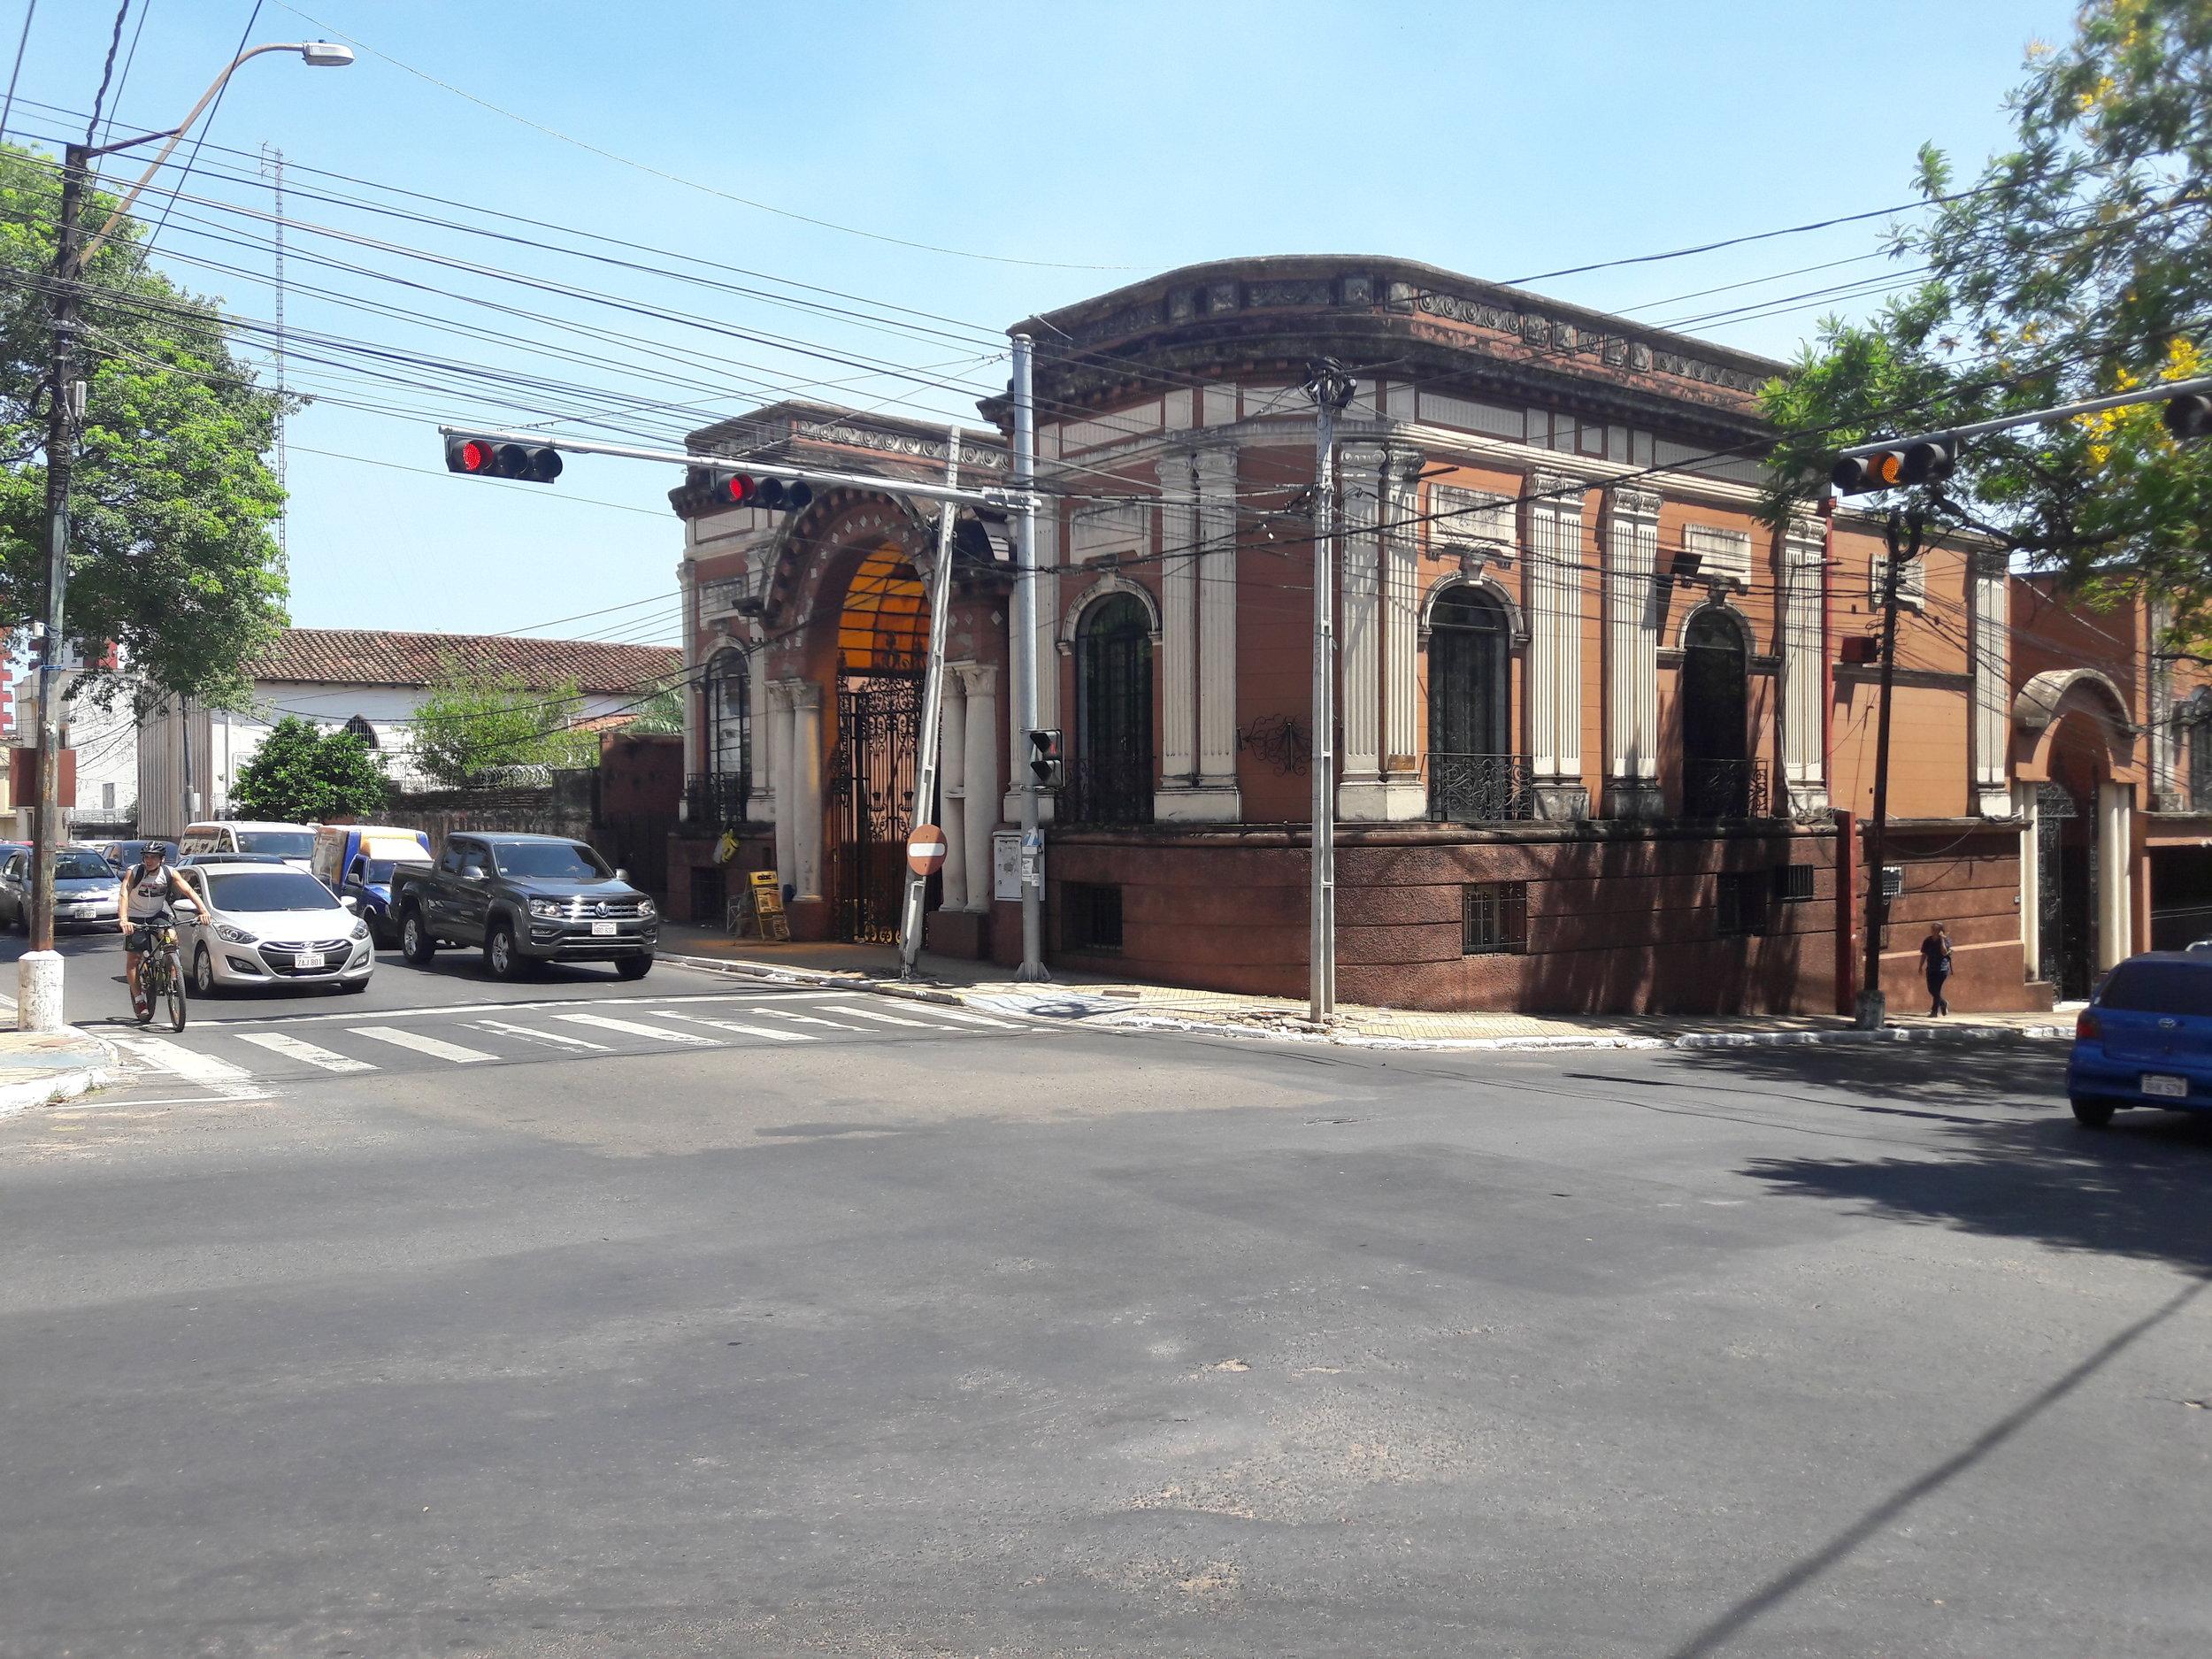 Křížení ulic Mariscal López a Brasil.